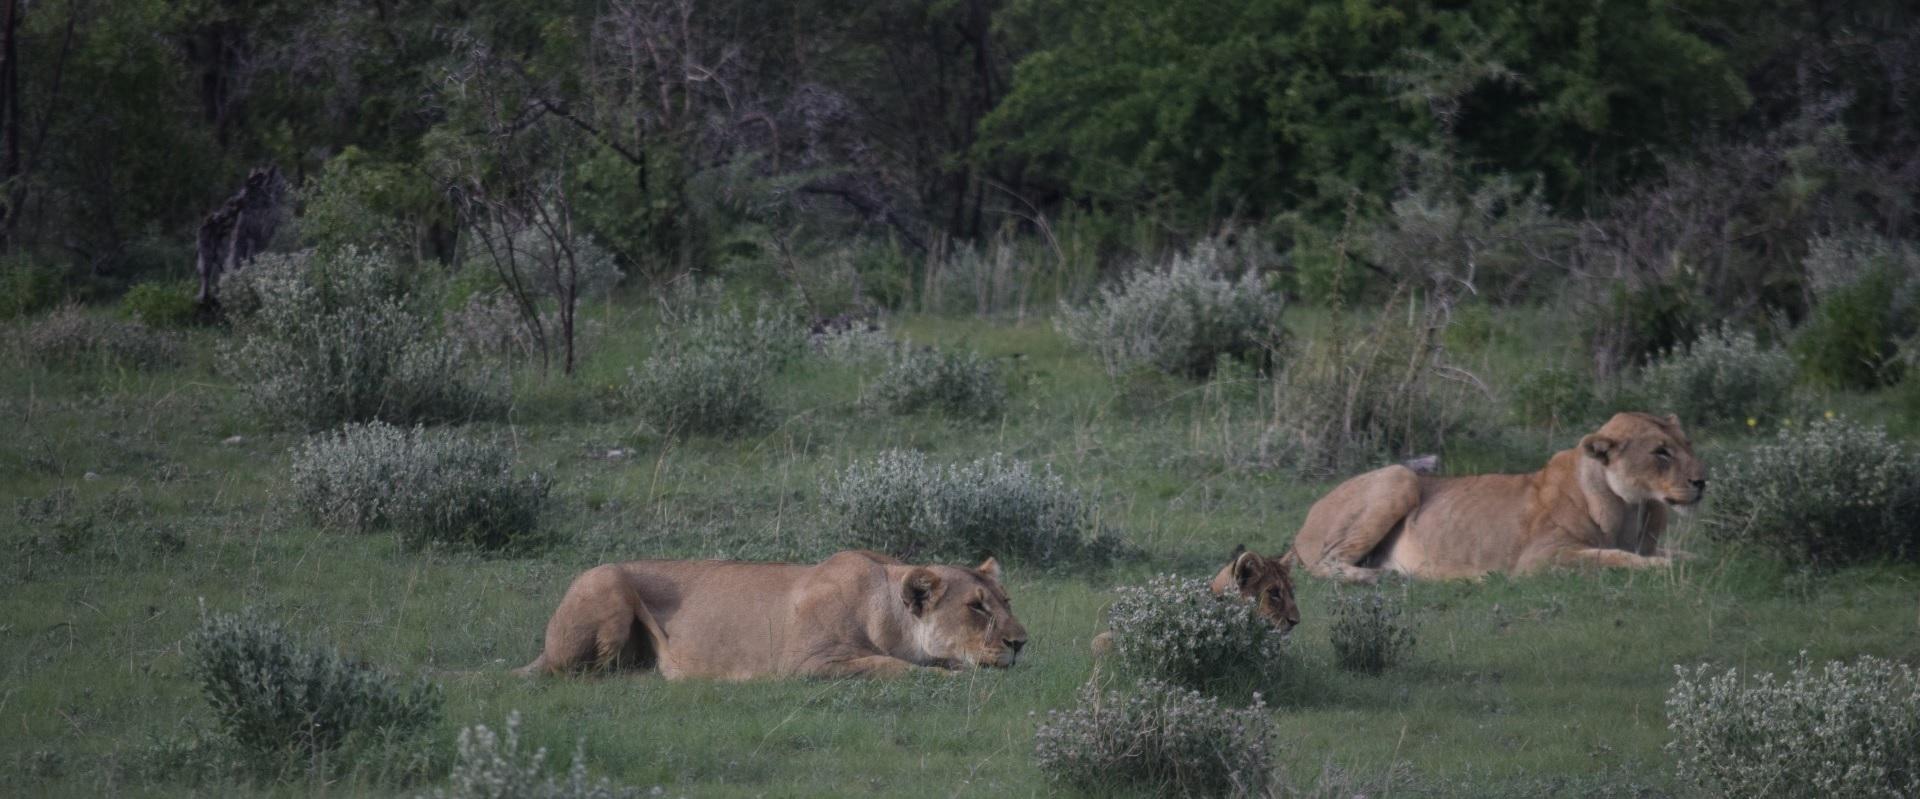 Namibia05.jpg